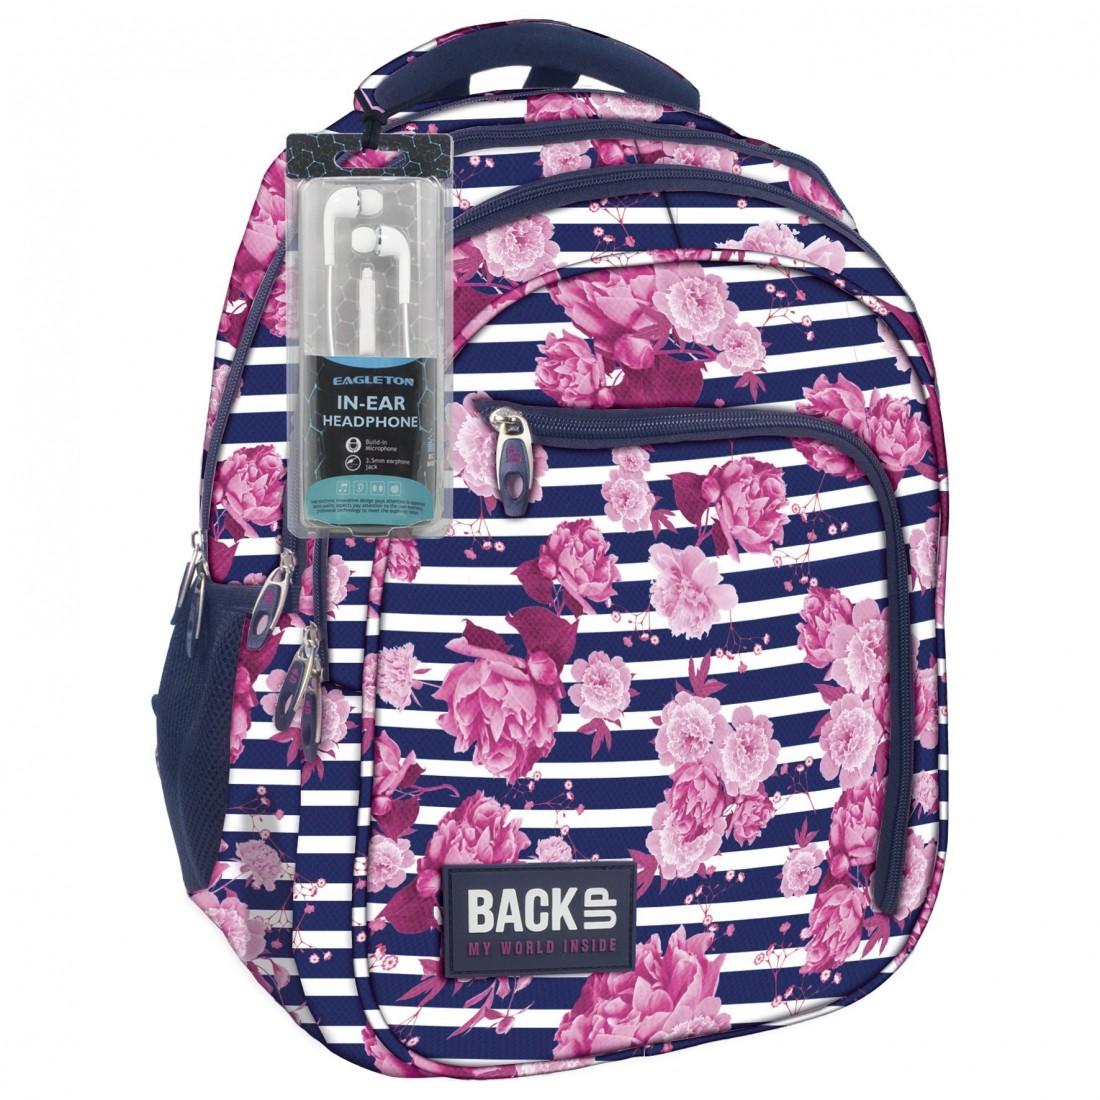 33a7916ca1615 Plecak szkolny w paski i różowe kwiaty begonie BackUP D 34 + GRATIS  słuchawki